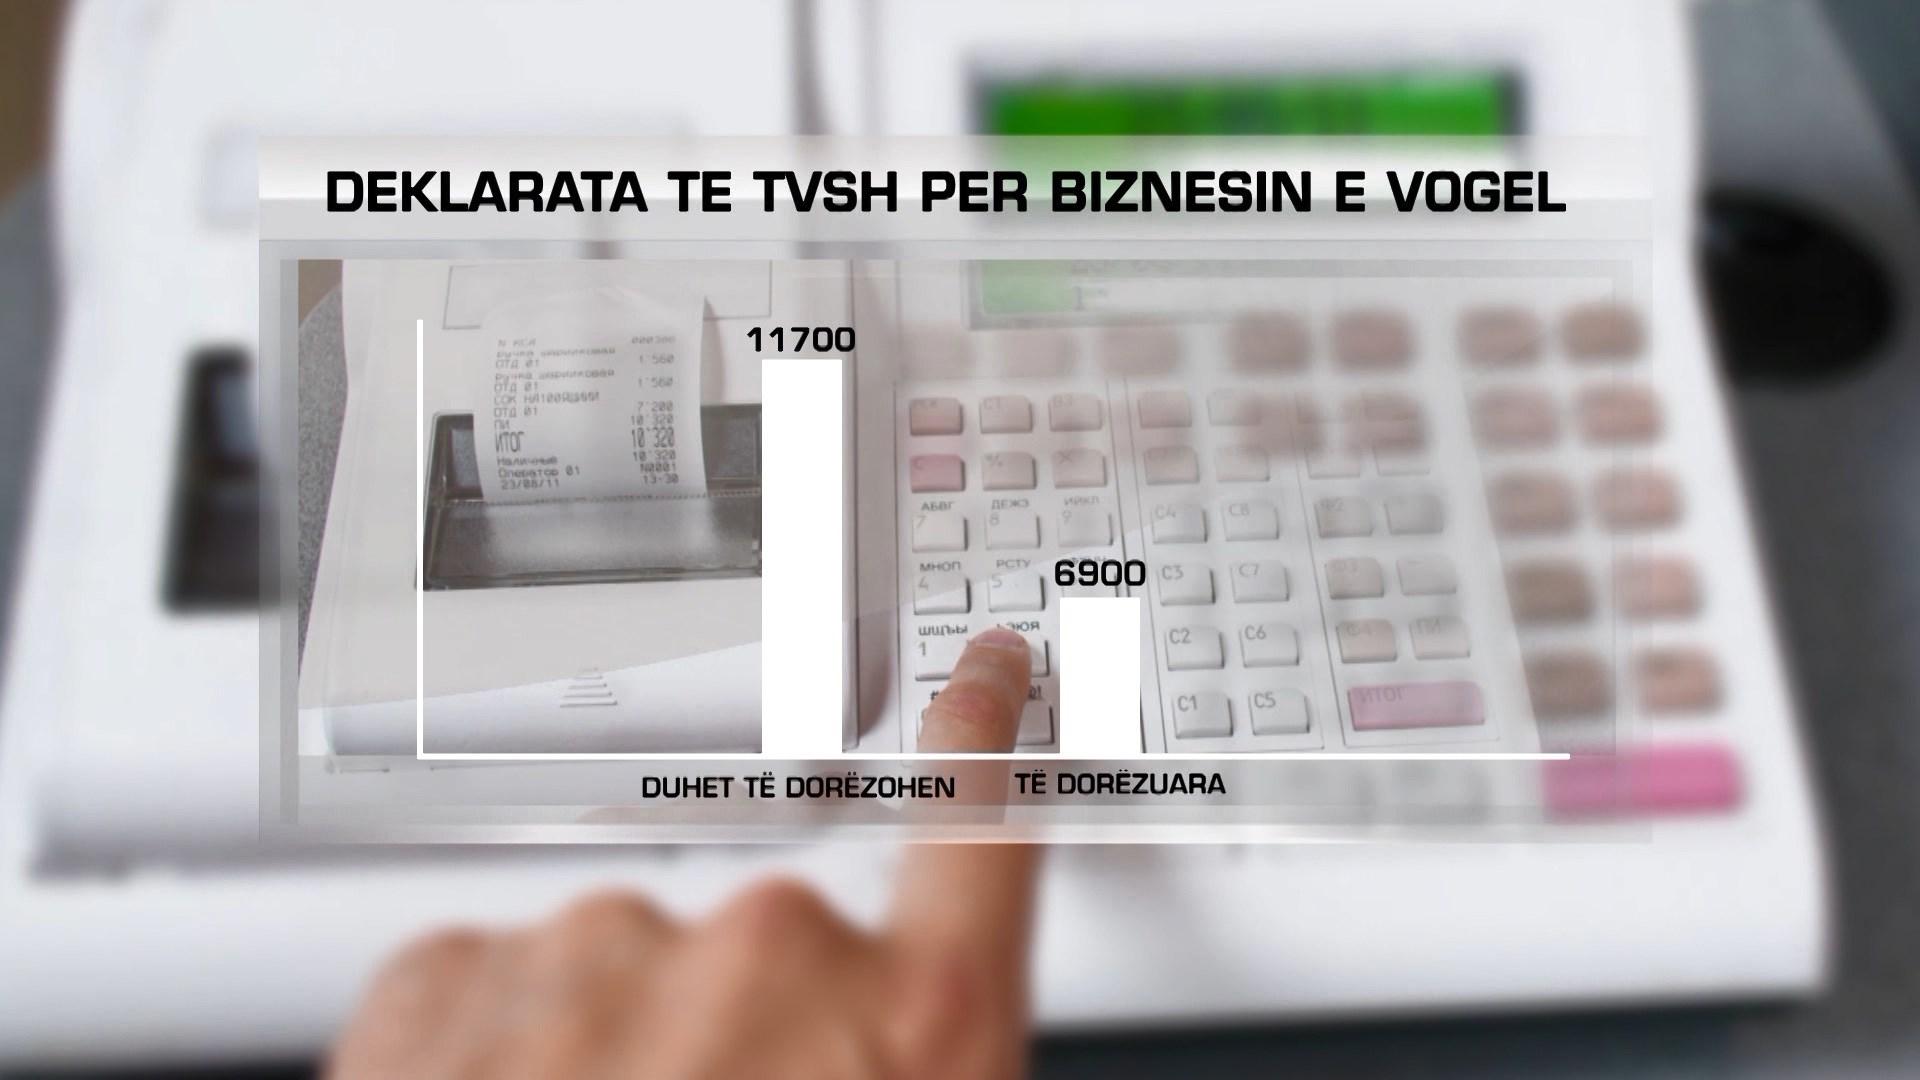 60% e bizneseve plotësuan deklaratën e TVSH/ Vjero: Jo gjoba për deklaratat gabim